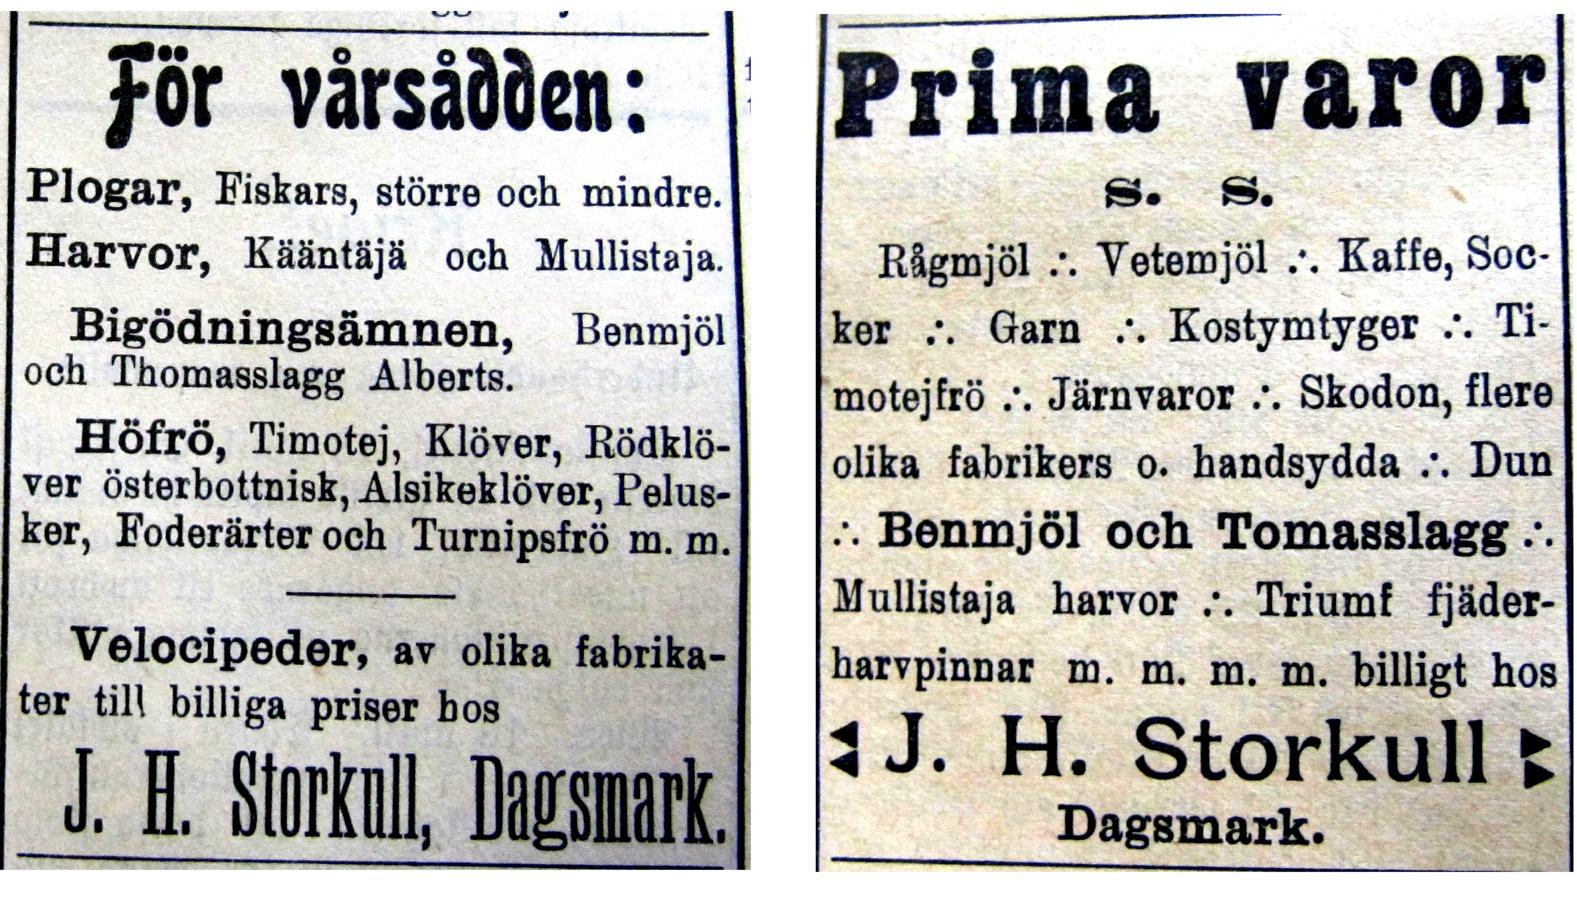 Så här annonserade J. H. Storkull i tidningen Syd-Österbotten år 1913, alltså 3 år före han byggde sitt stora affärshus.